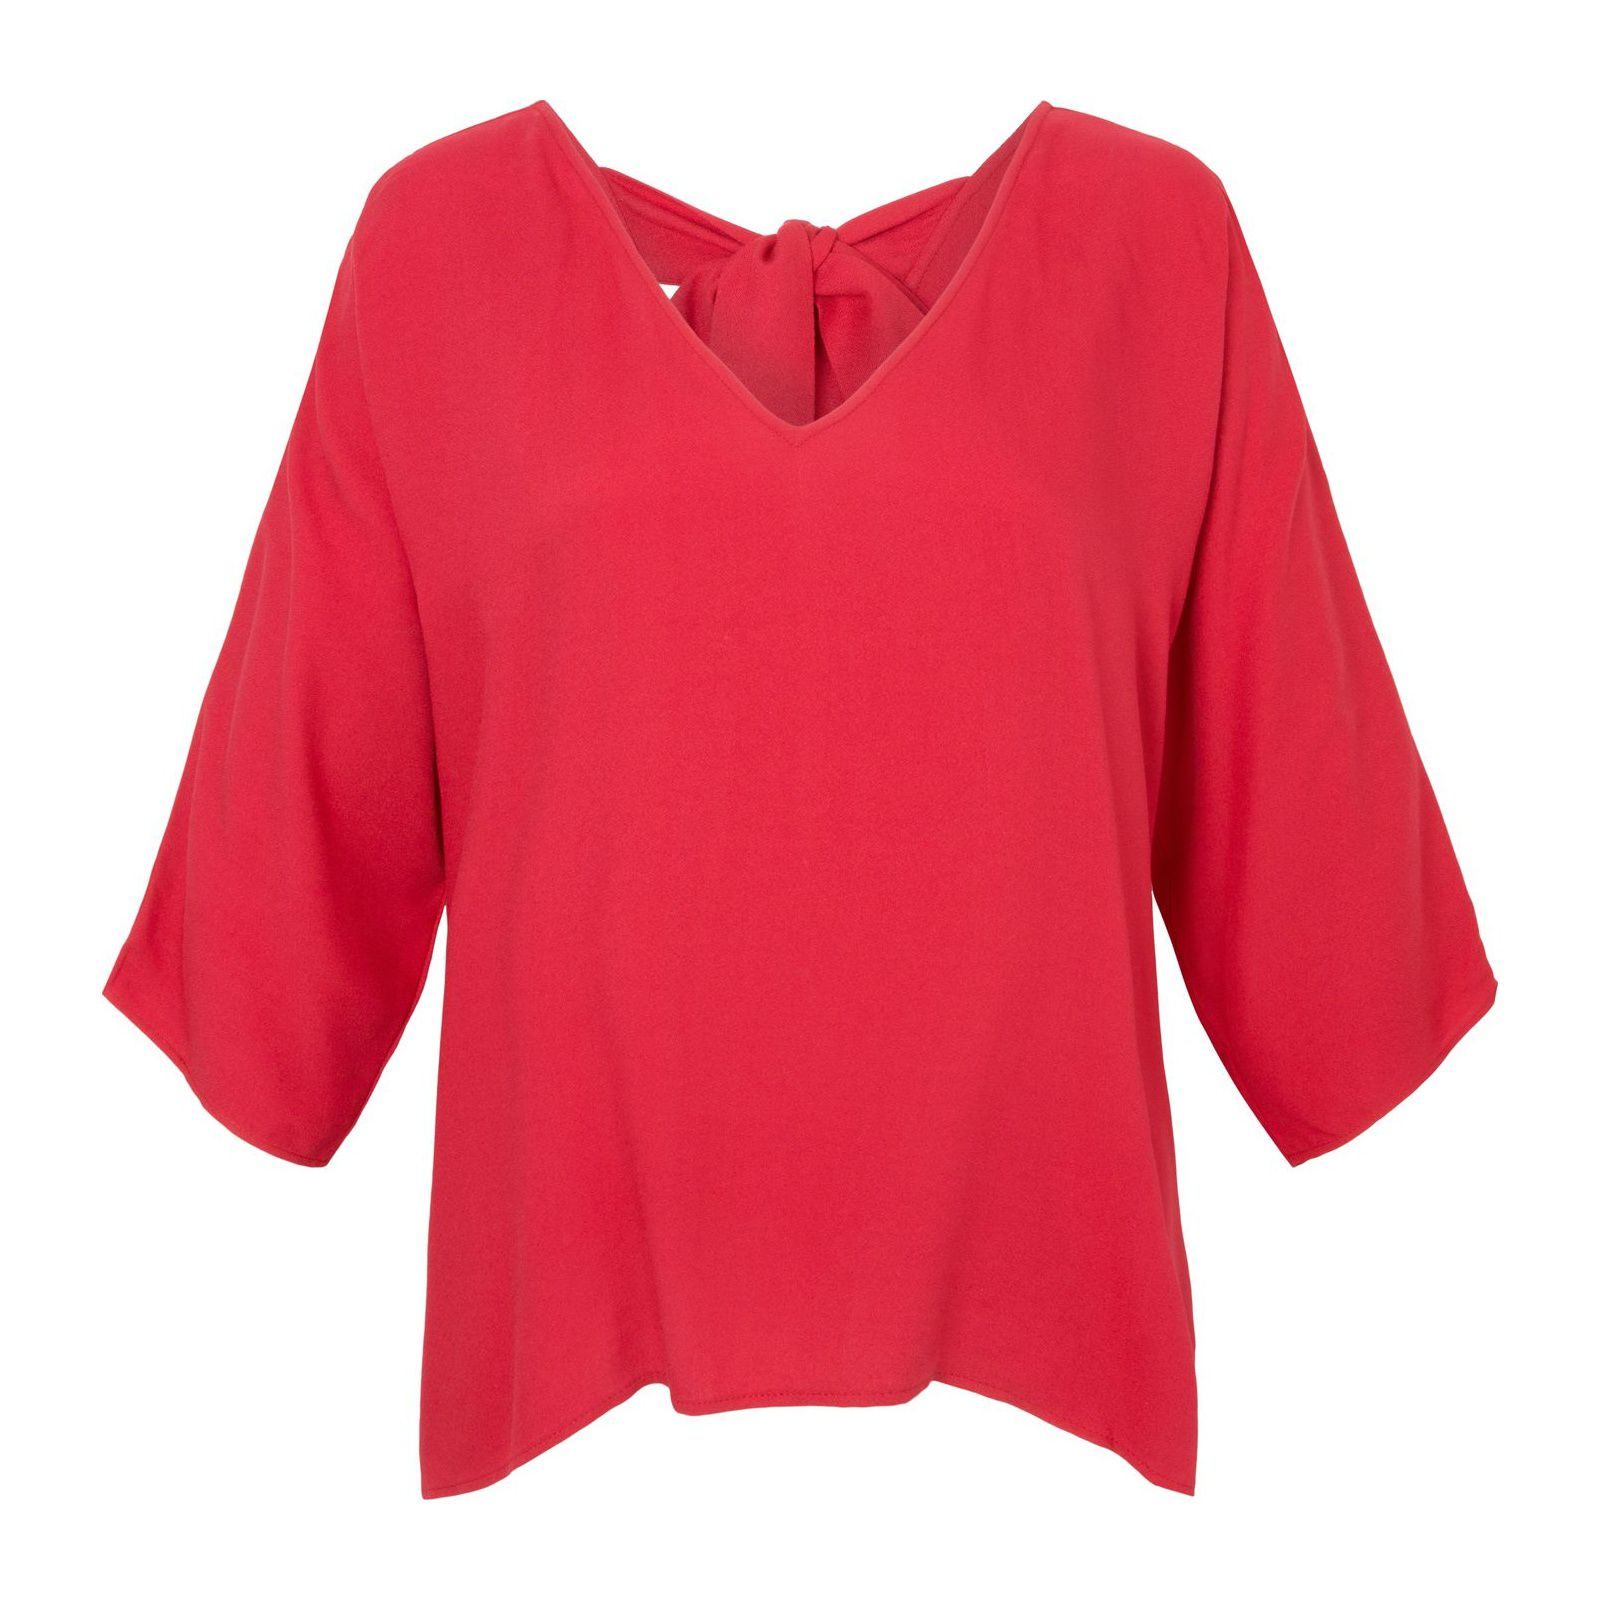 Blusa Amarração Costas Isabella Fiorentino - Vermelha